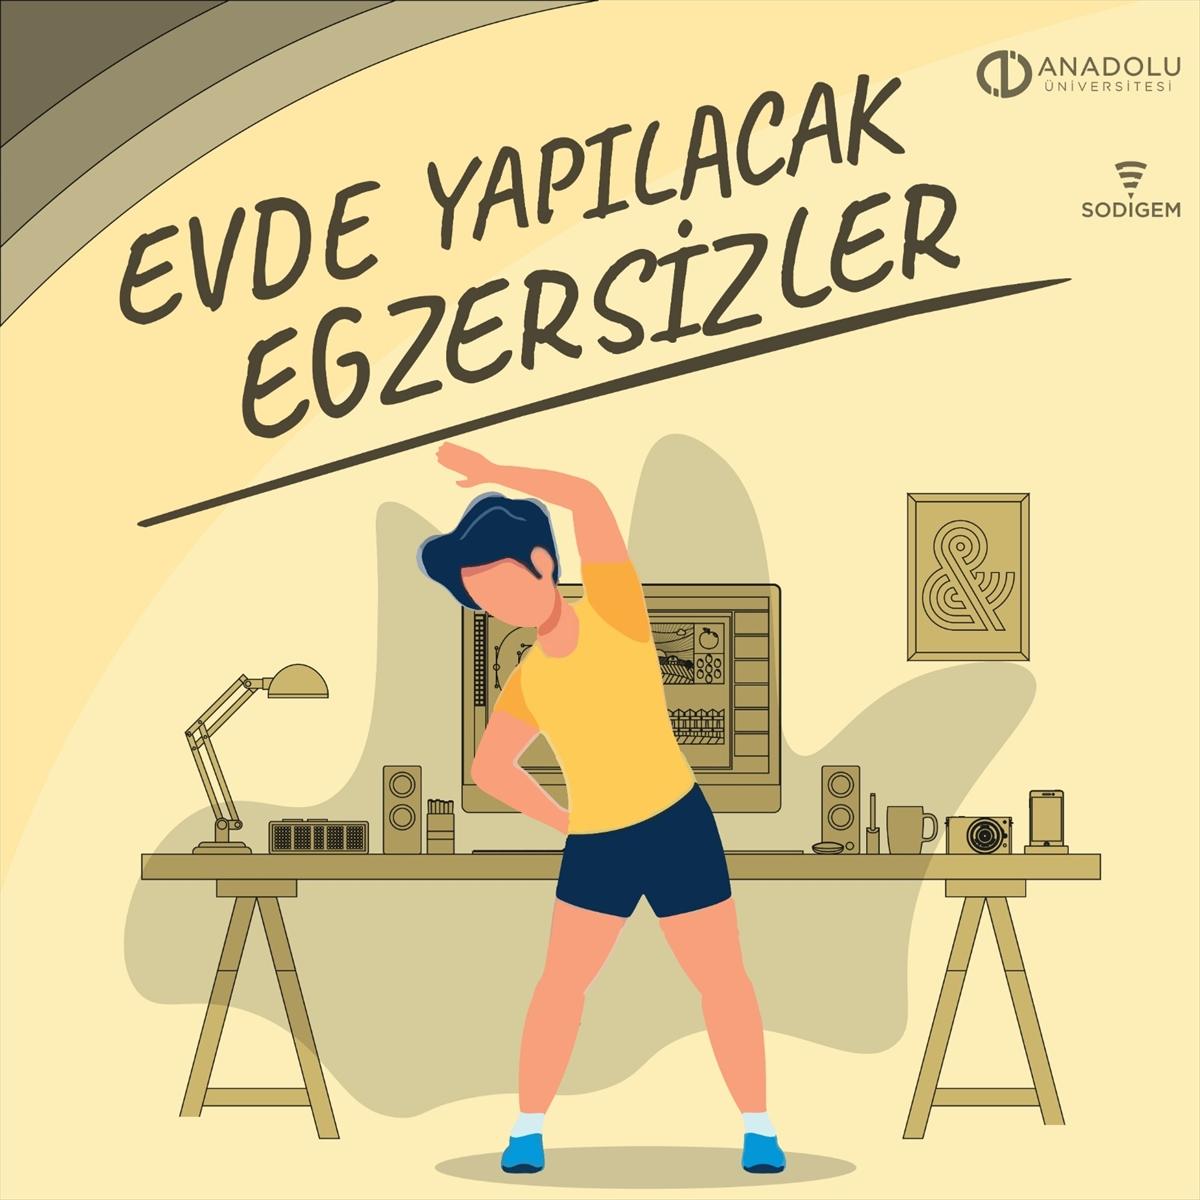 Anadolu Üniversitesi evde yapılacak egzersiz tavsiyelerinde bulundu